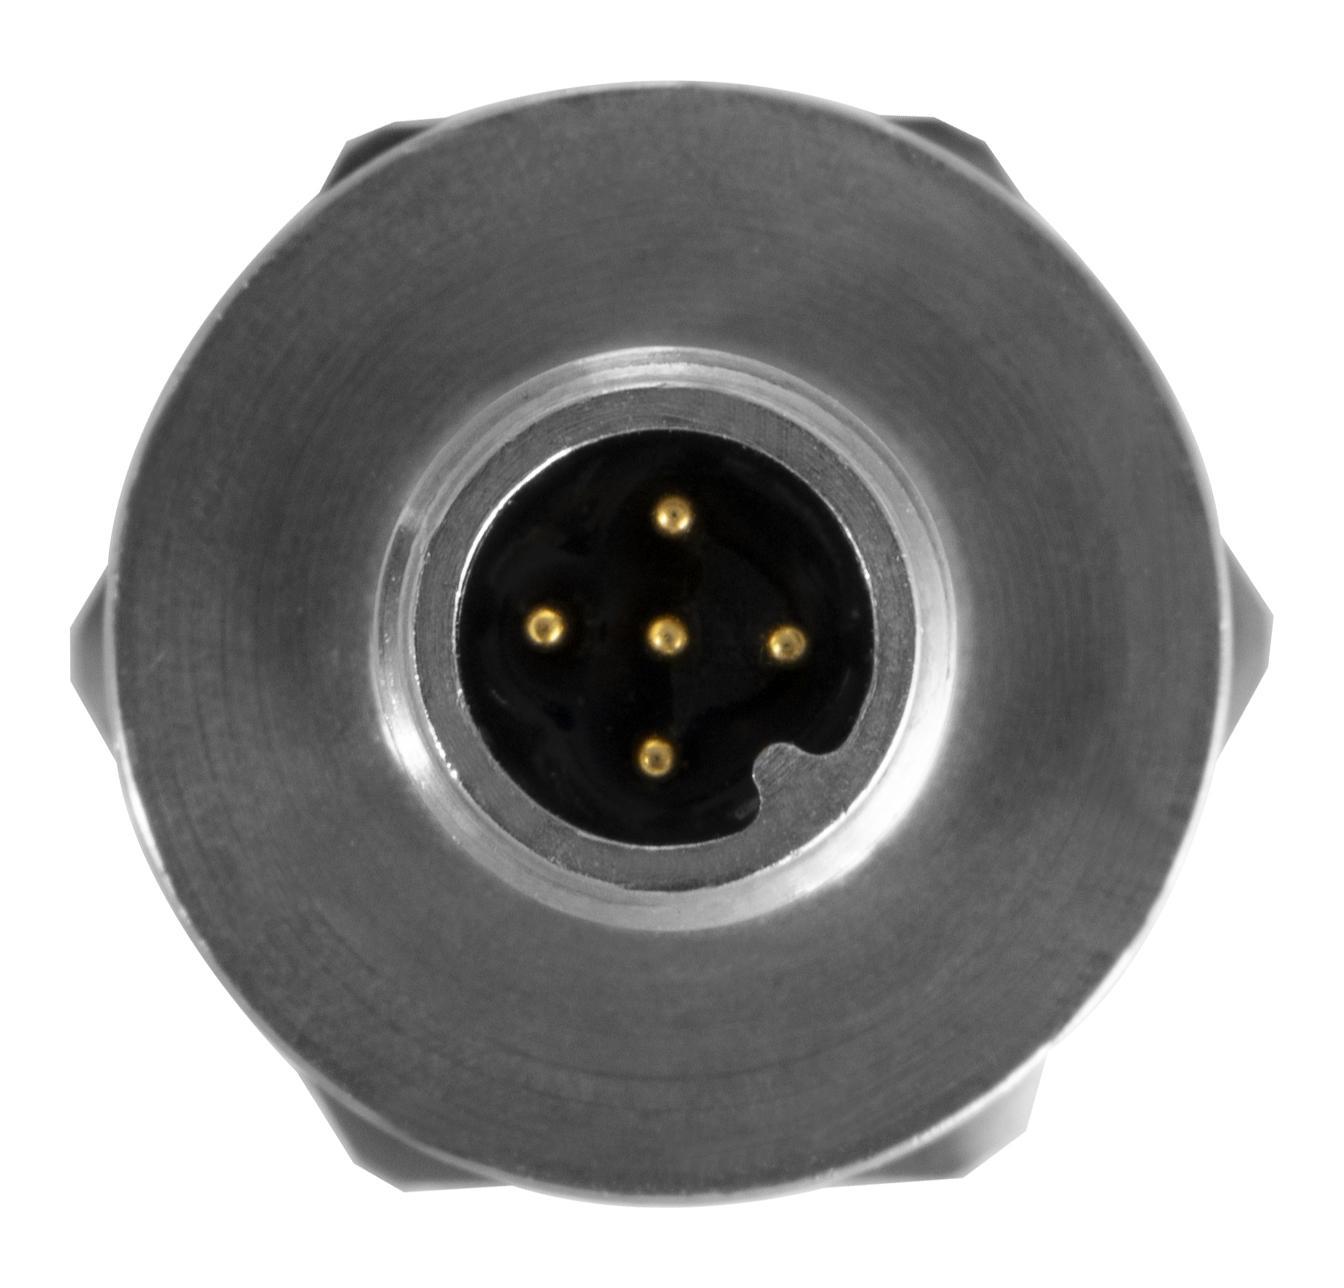 Product image of PTE7300 Hermetic Pressure Sensor m12 top view